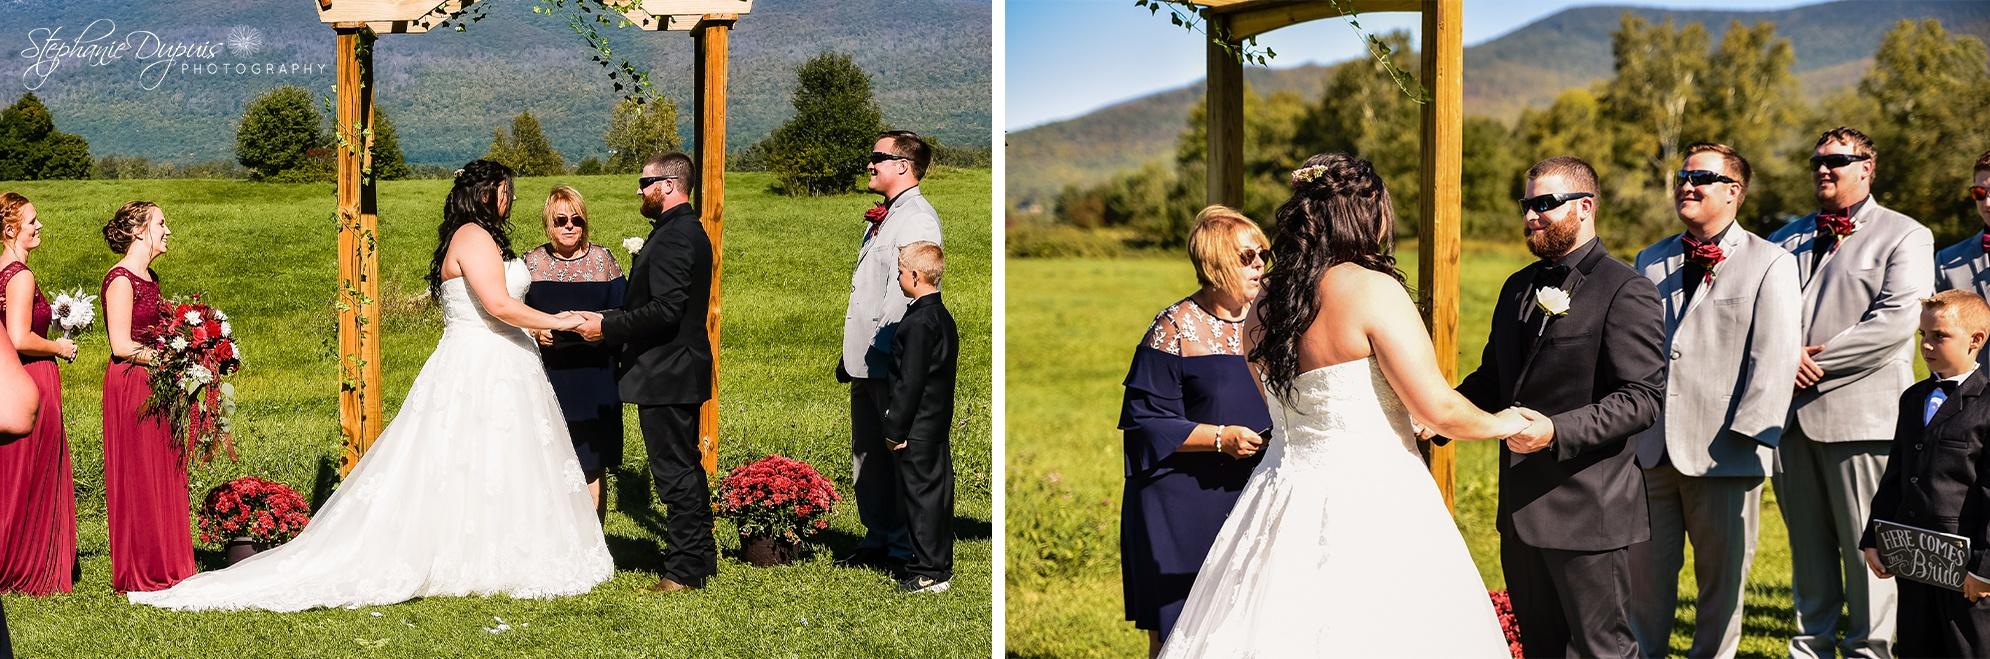 Littleton Wedding Photographer 01 2 - Portfolio: Brown Wedding